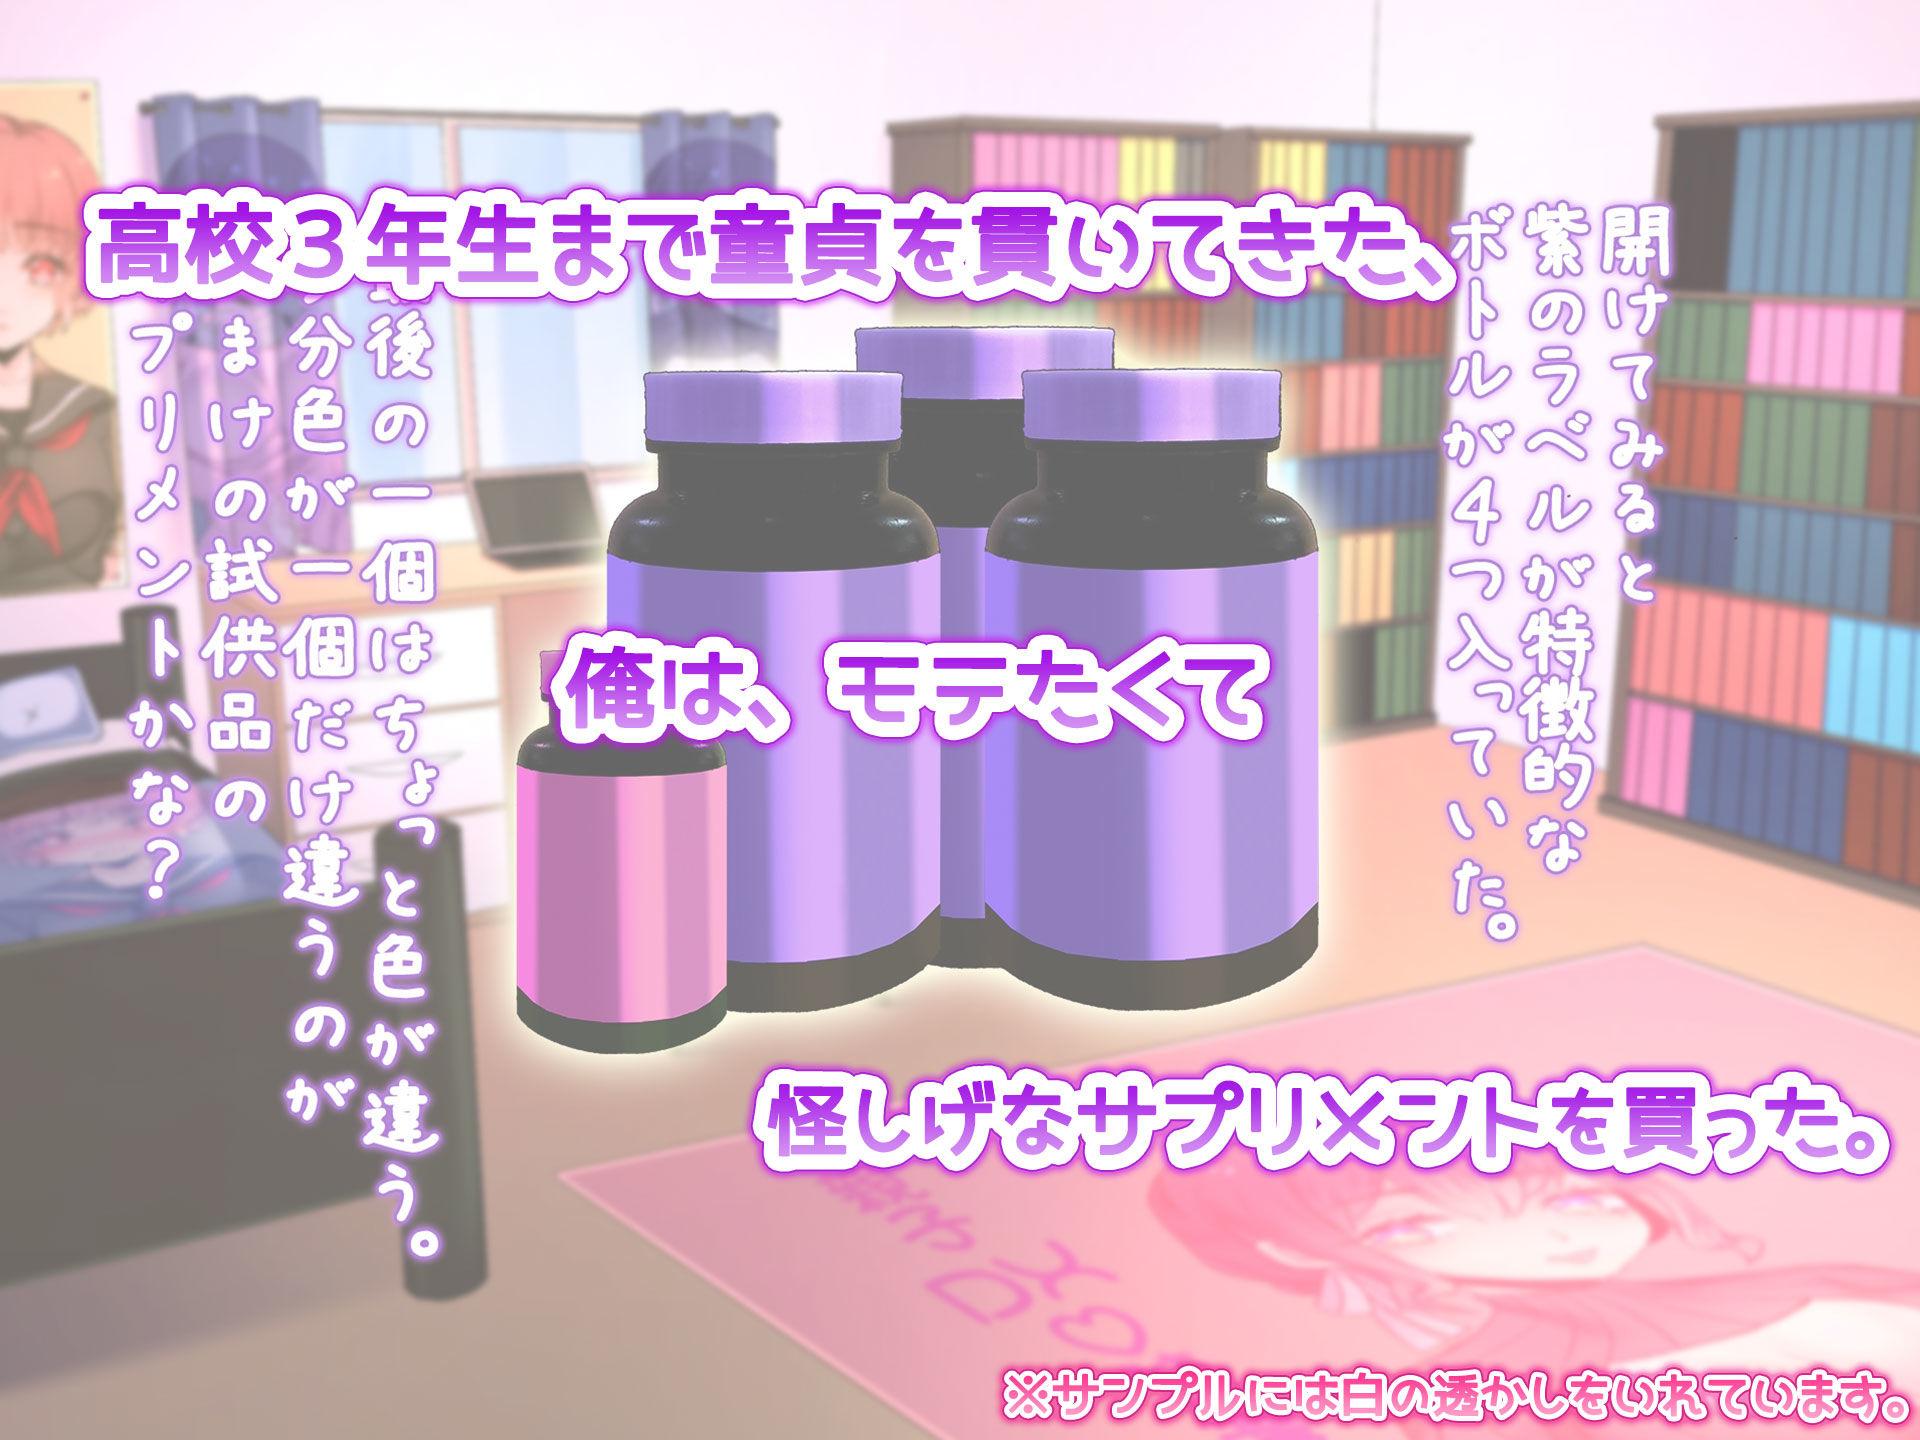 女体化サプリメント スペシャル版のサンプル画像3